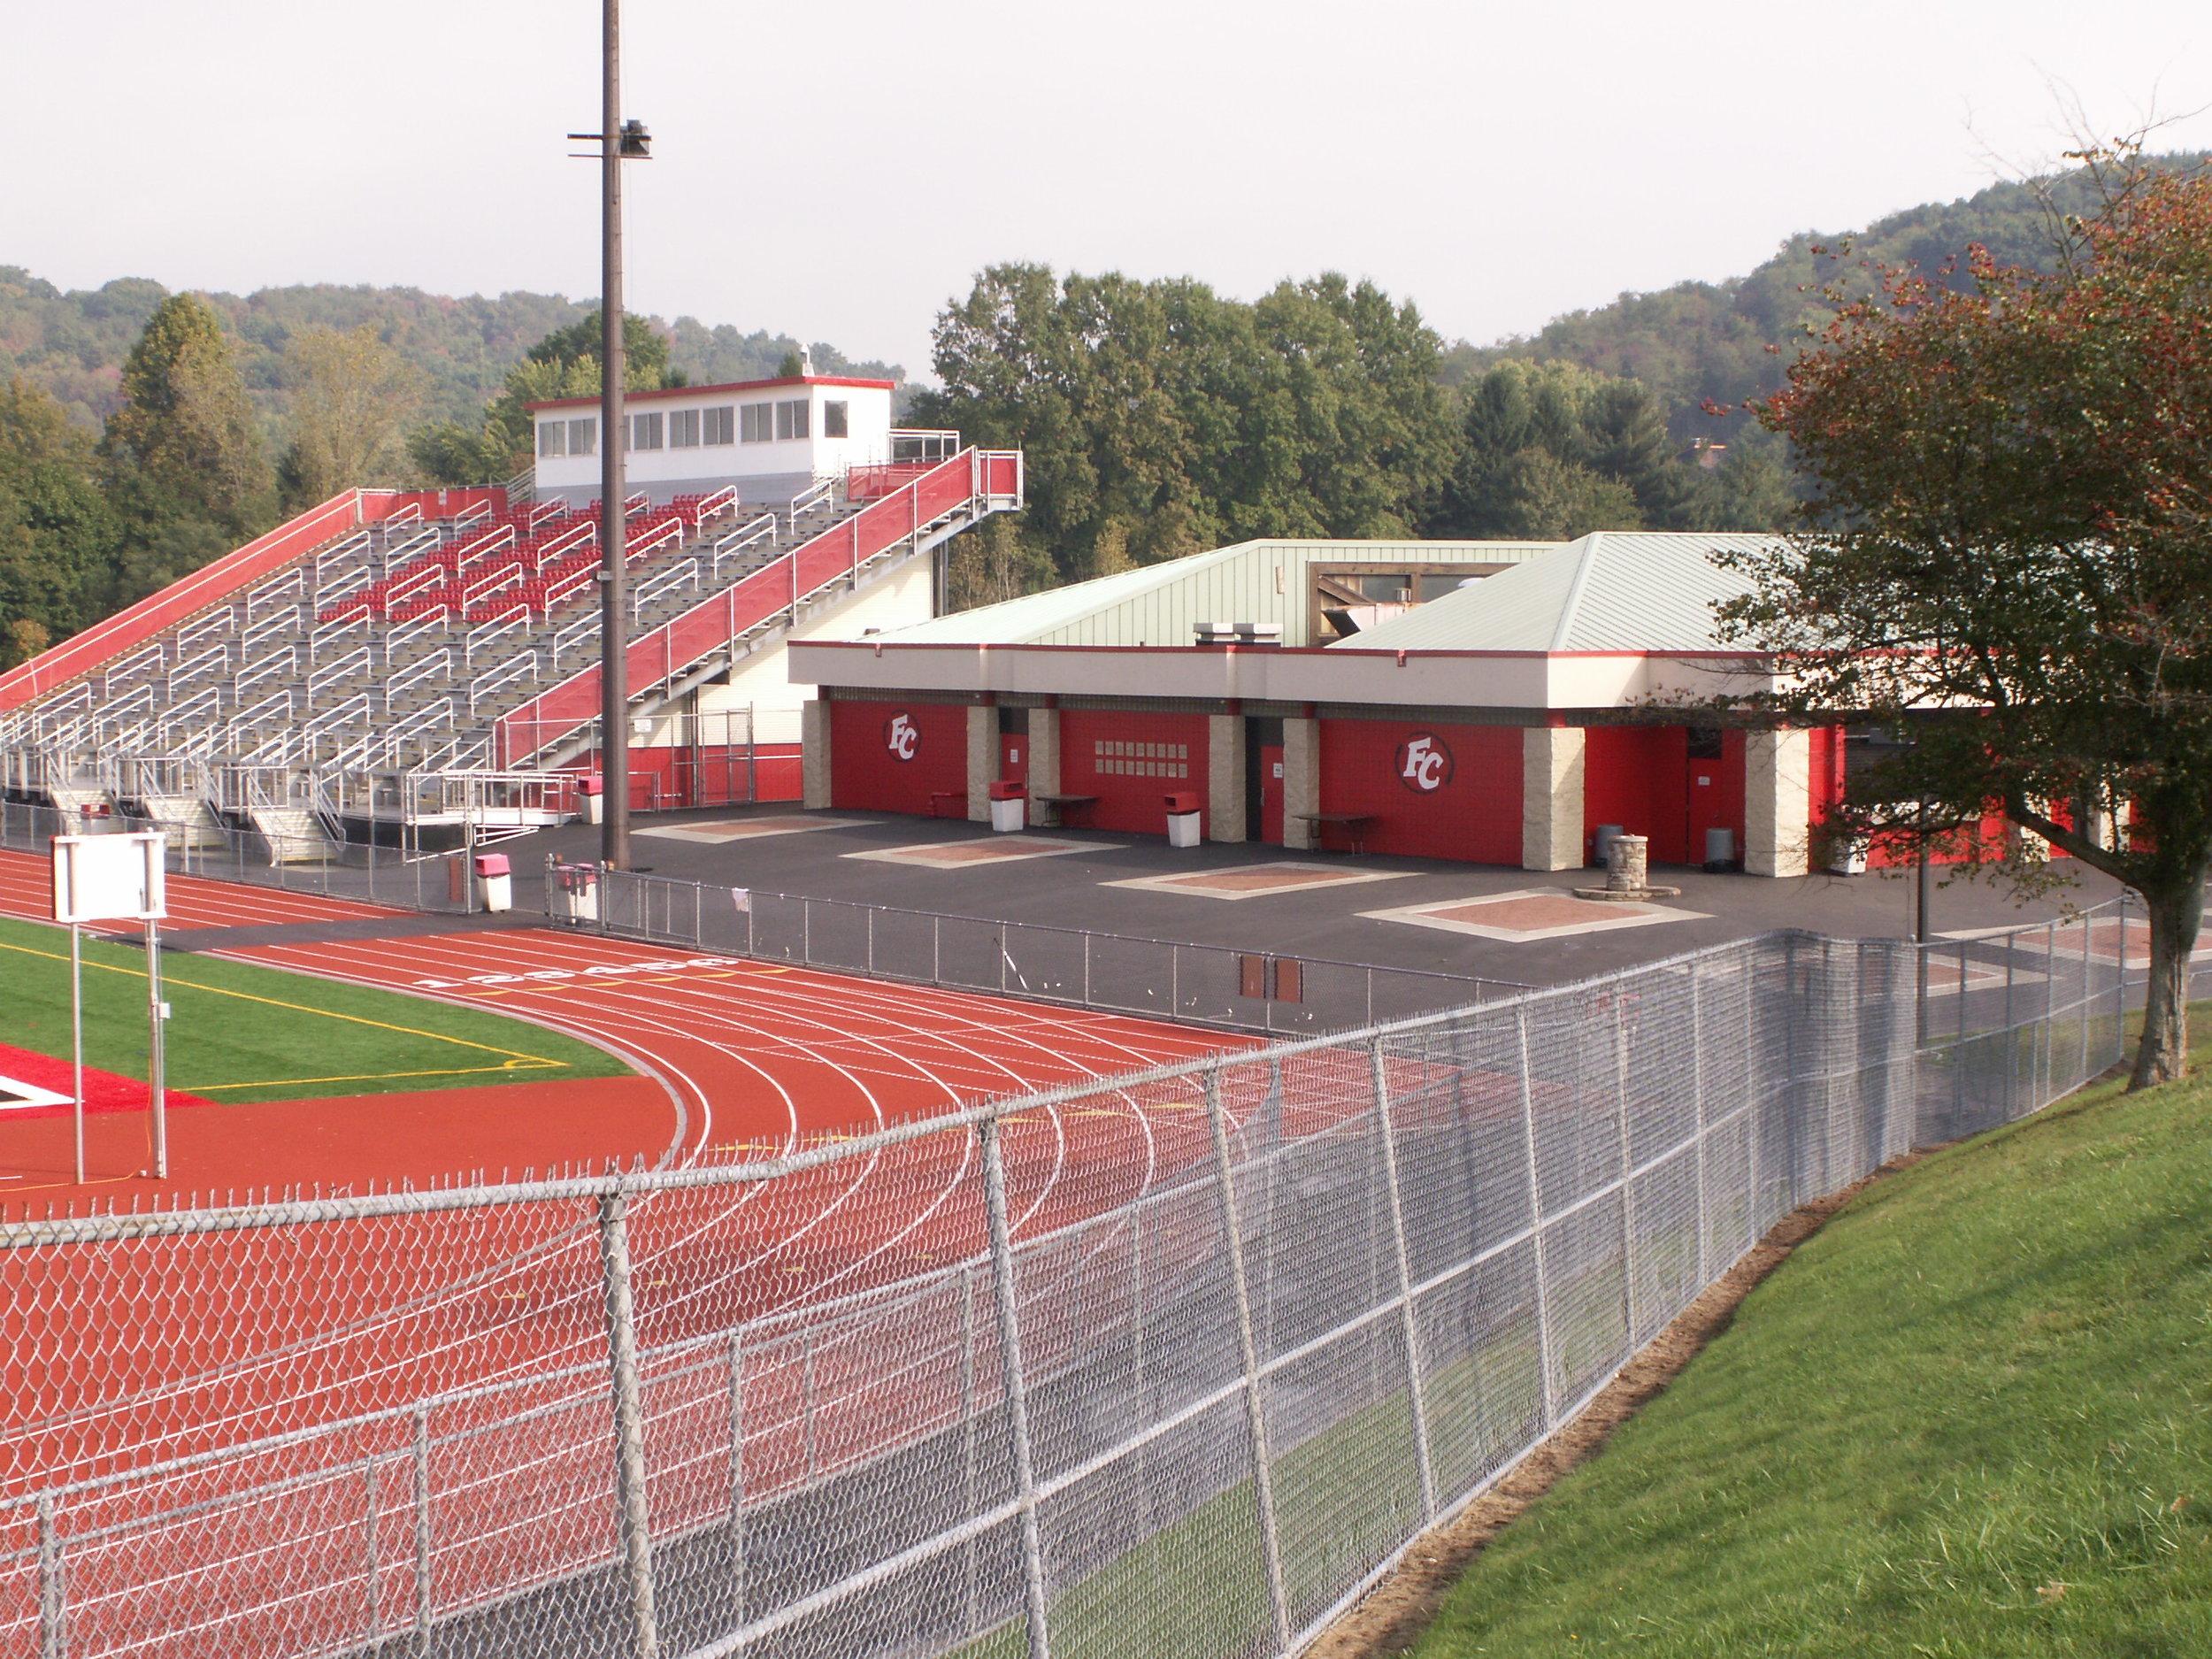 James M. Burk Stadium